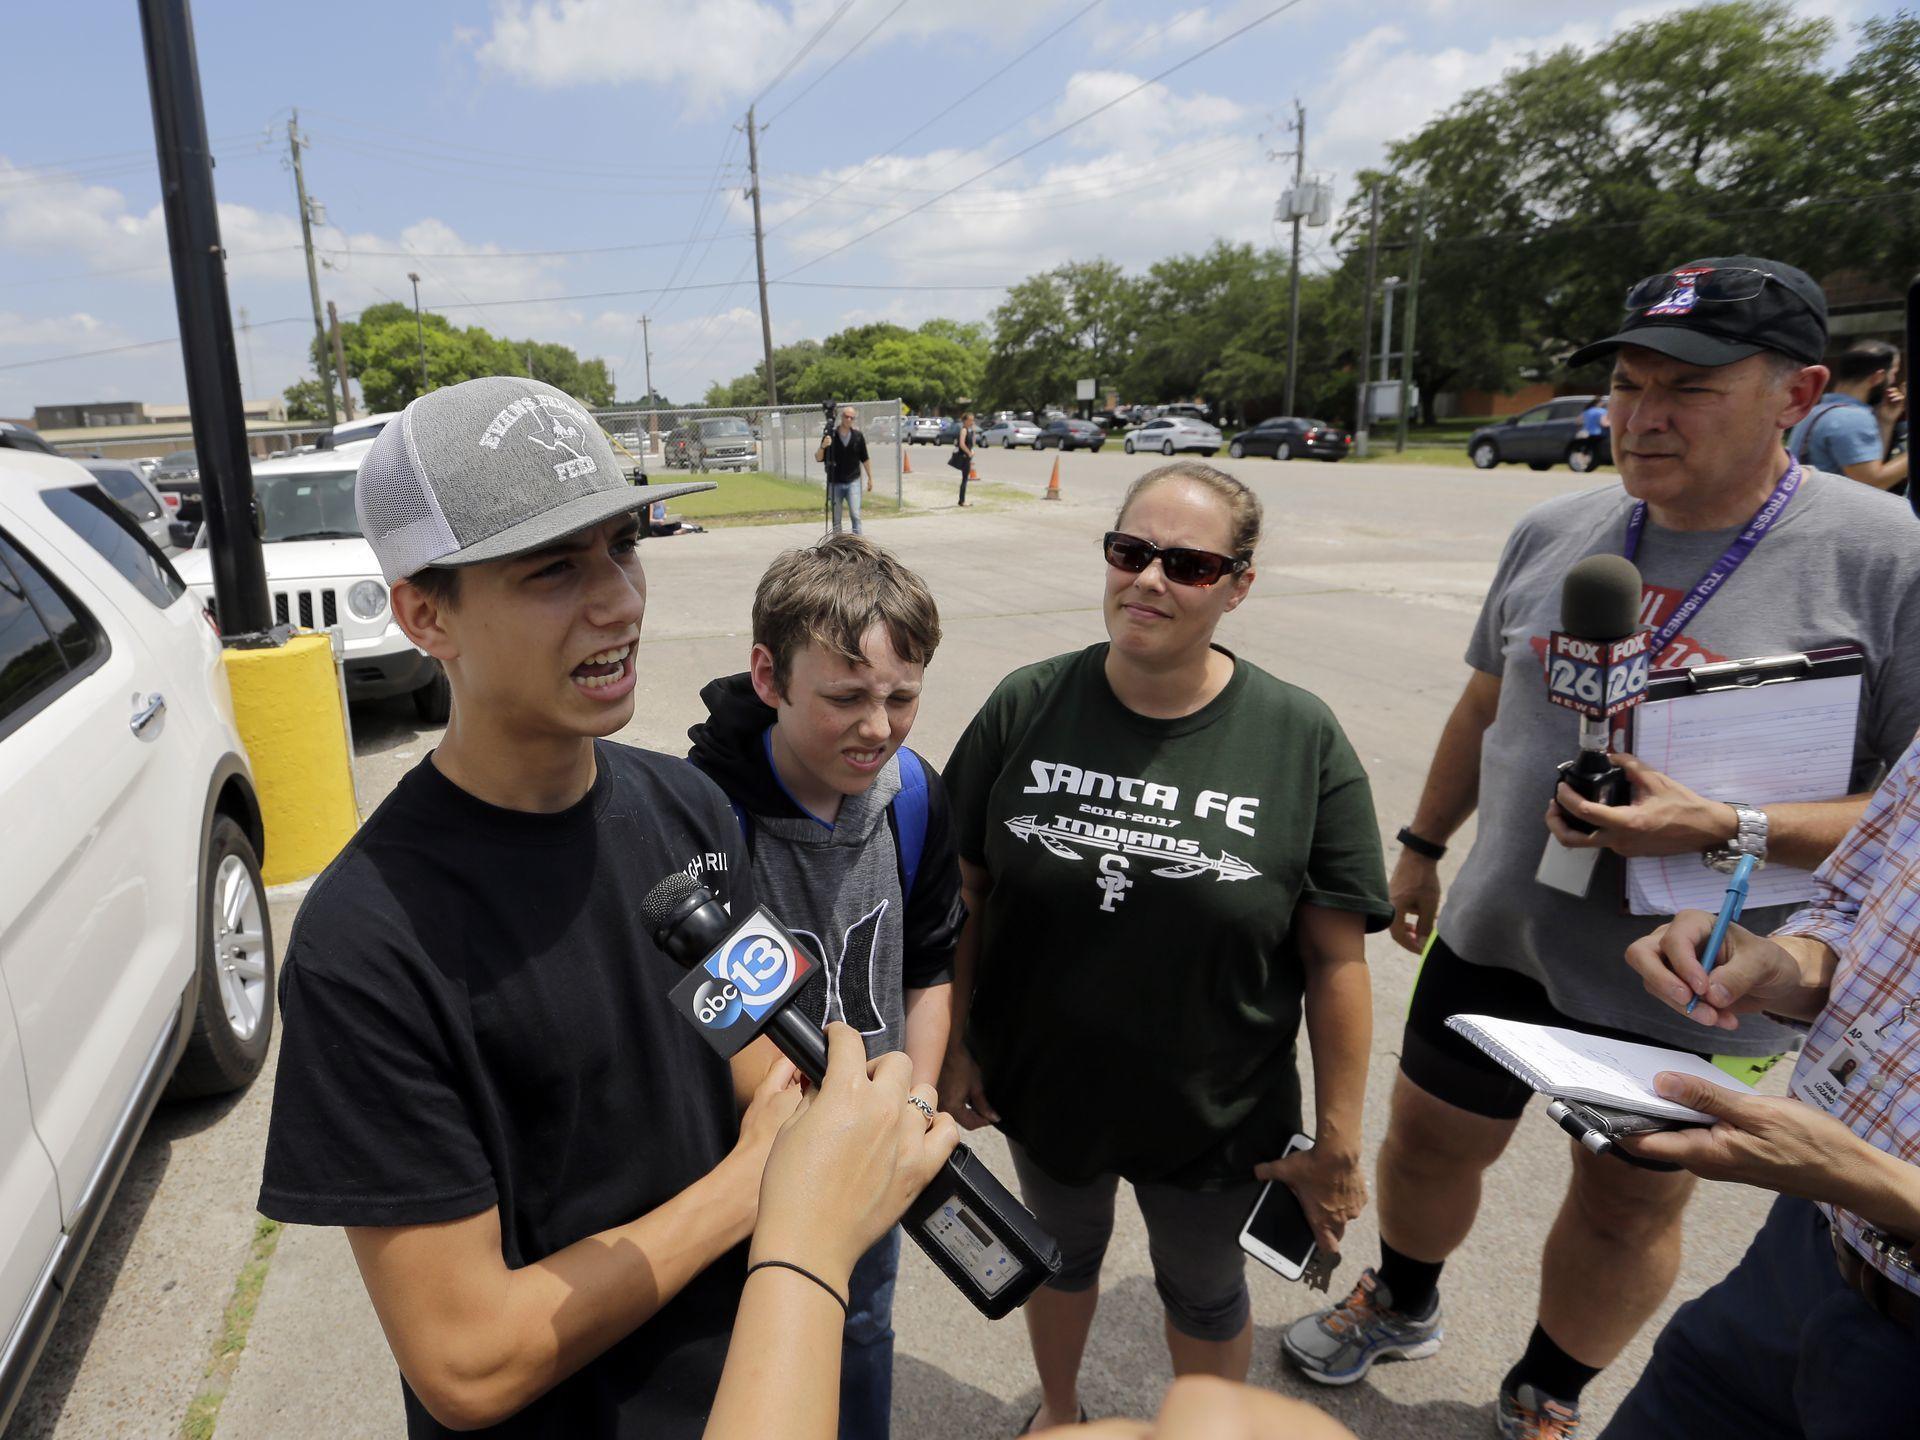 تیراندازی در مدرسه ای در تگزاس ۸ کشته برجای گذاشت